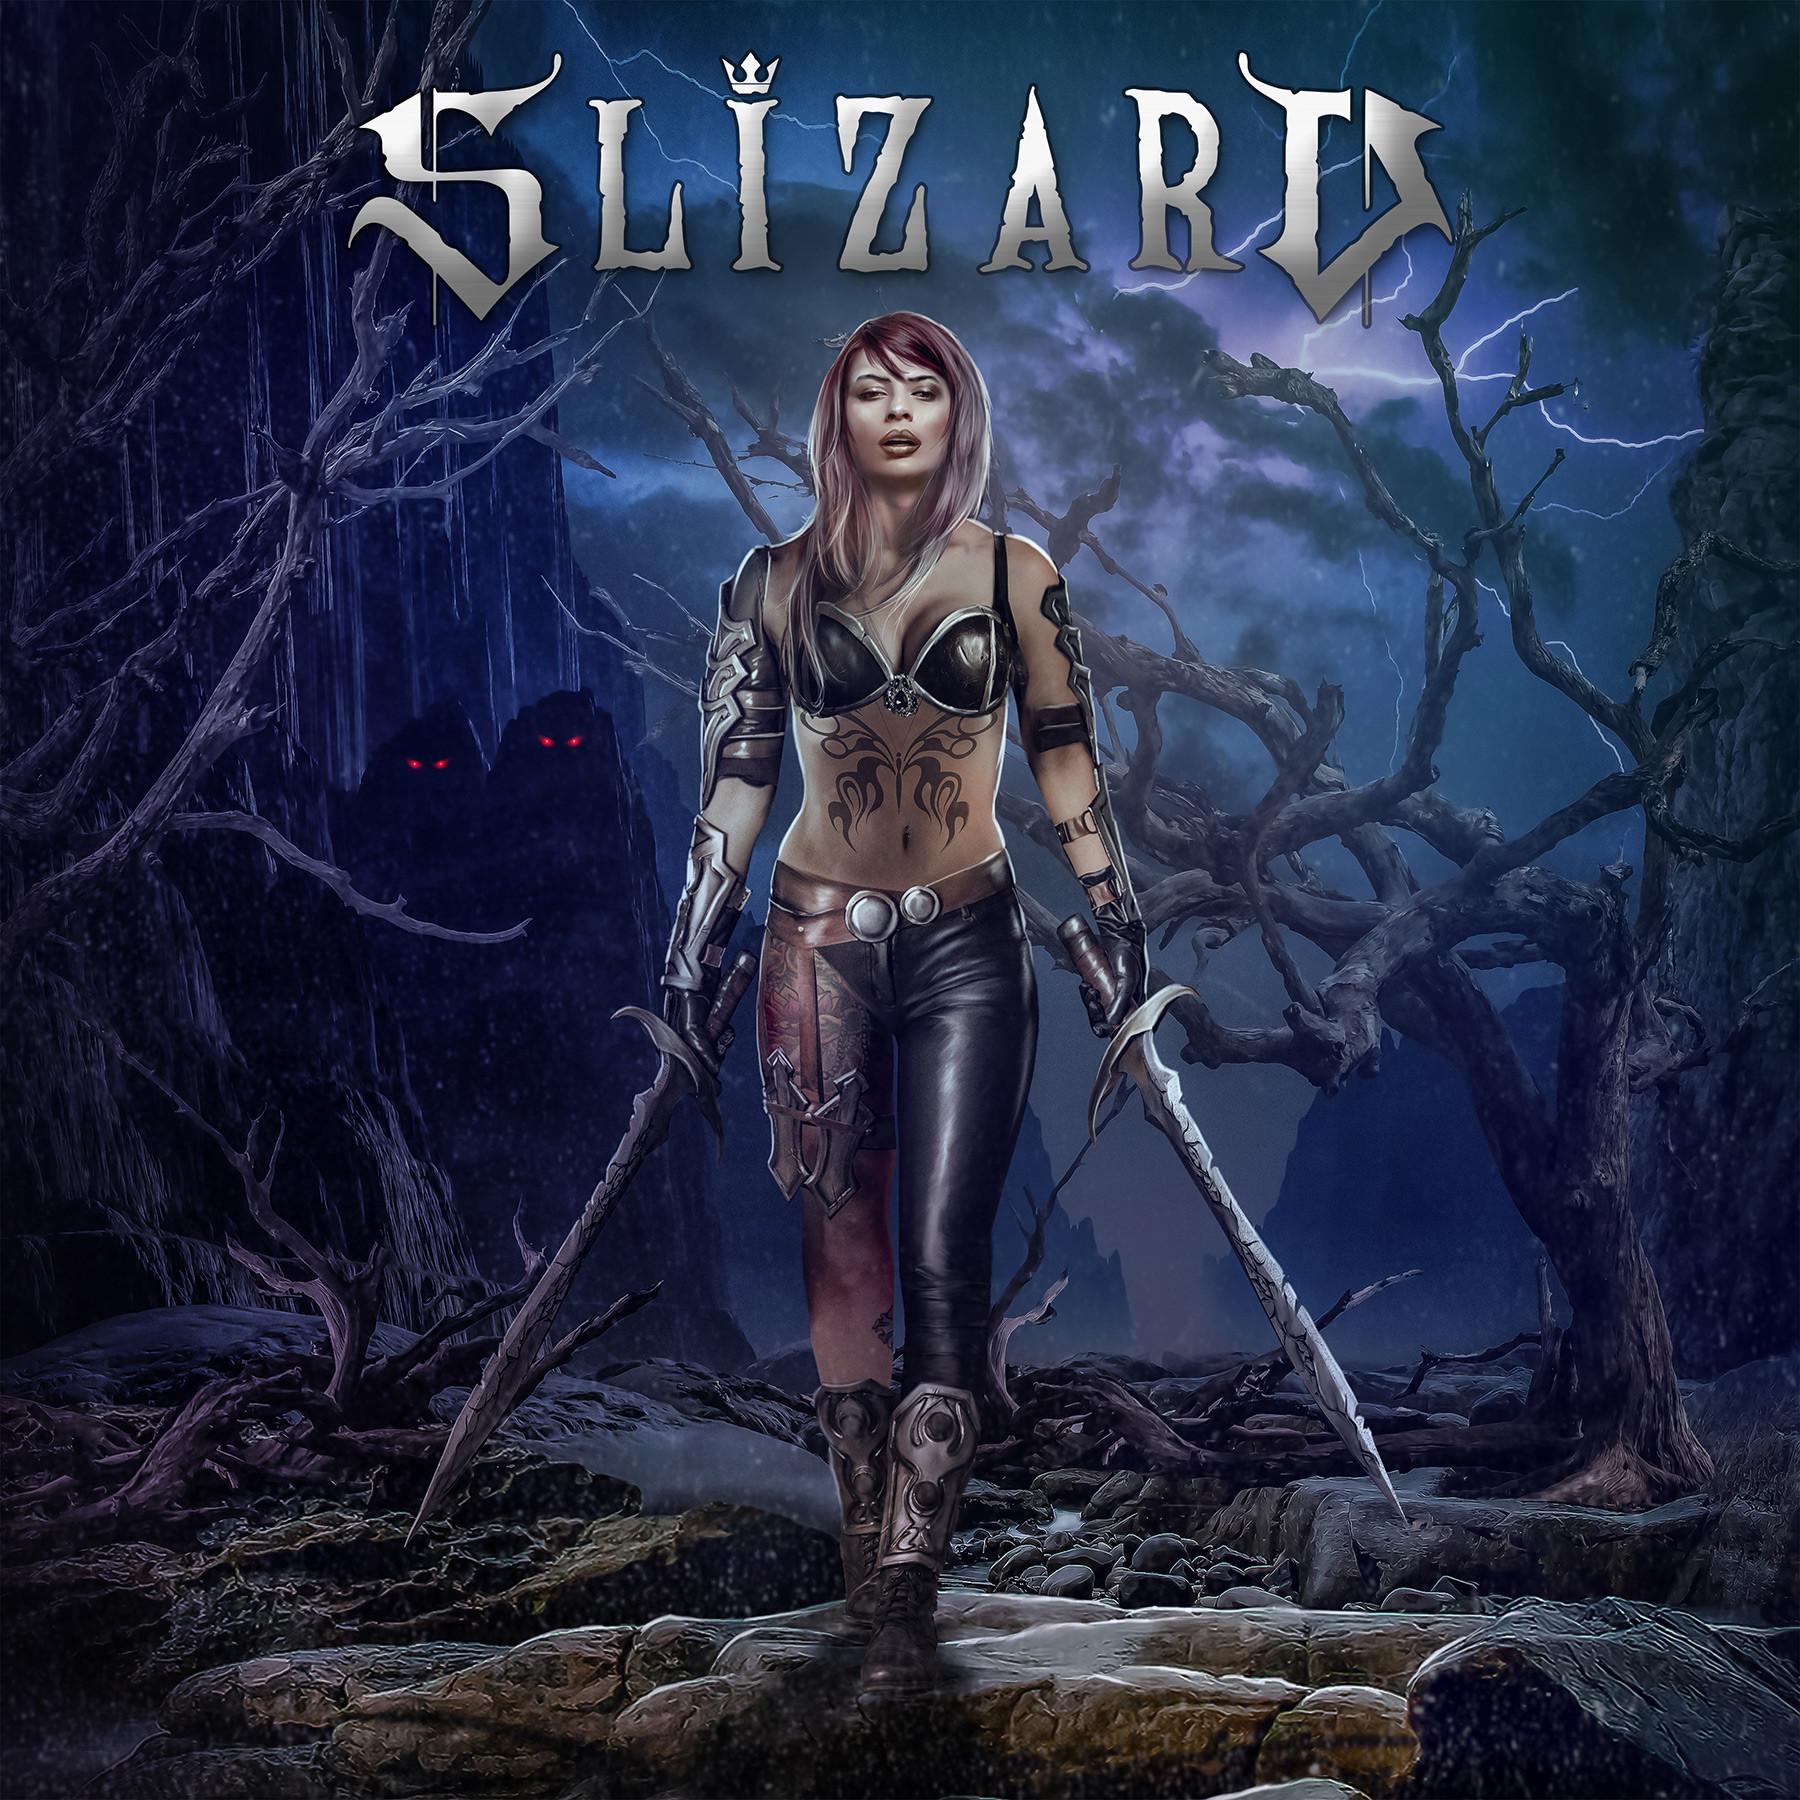 SLIZARD